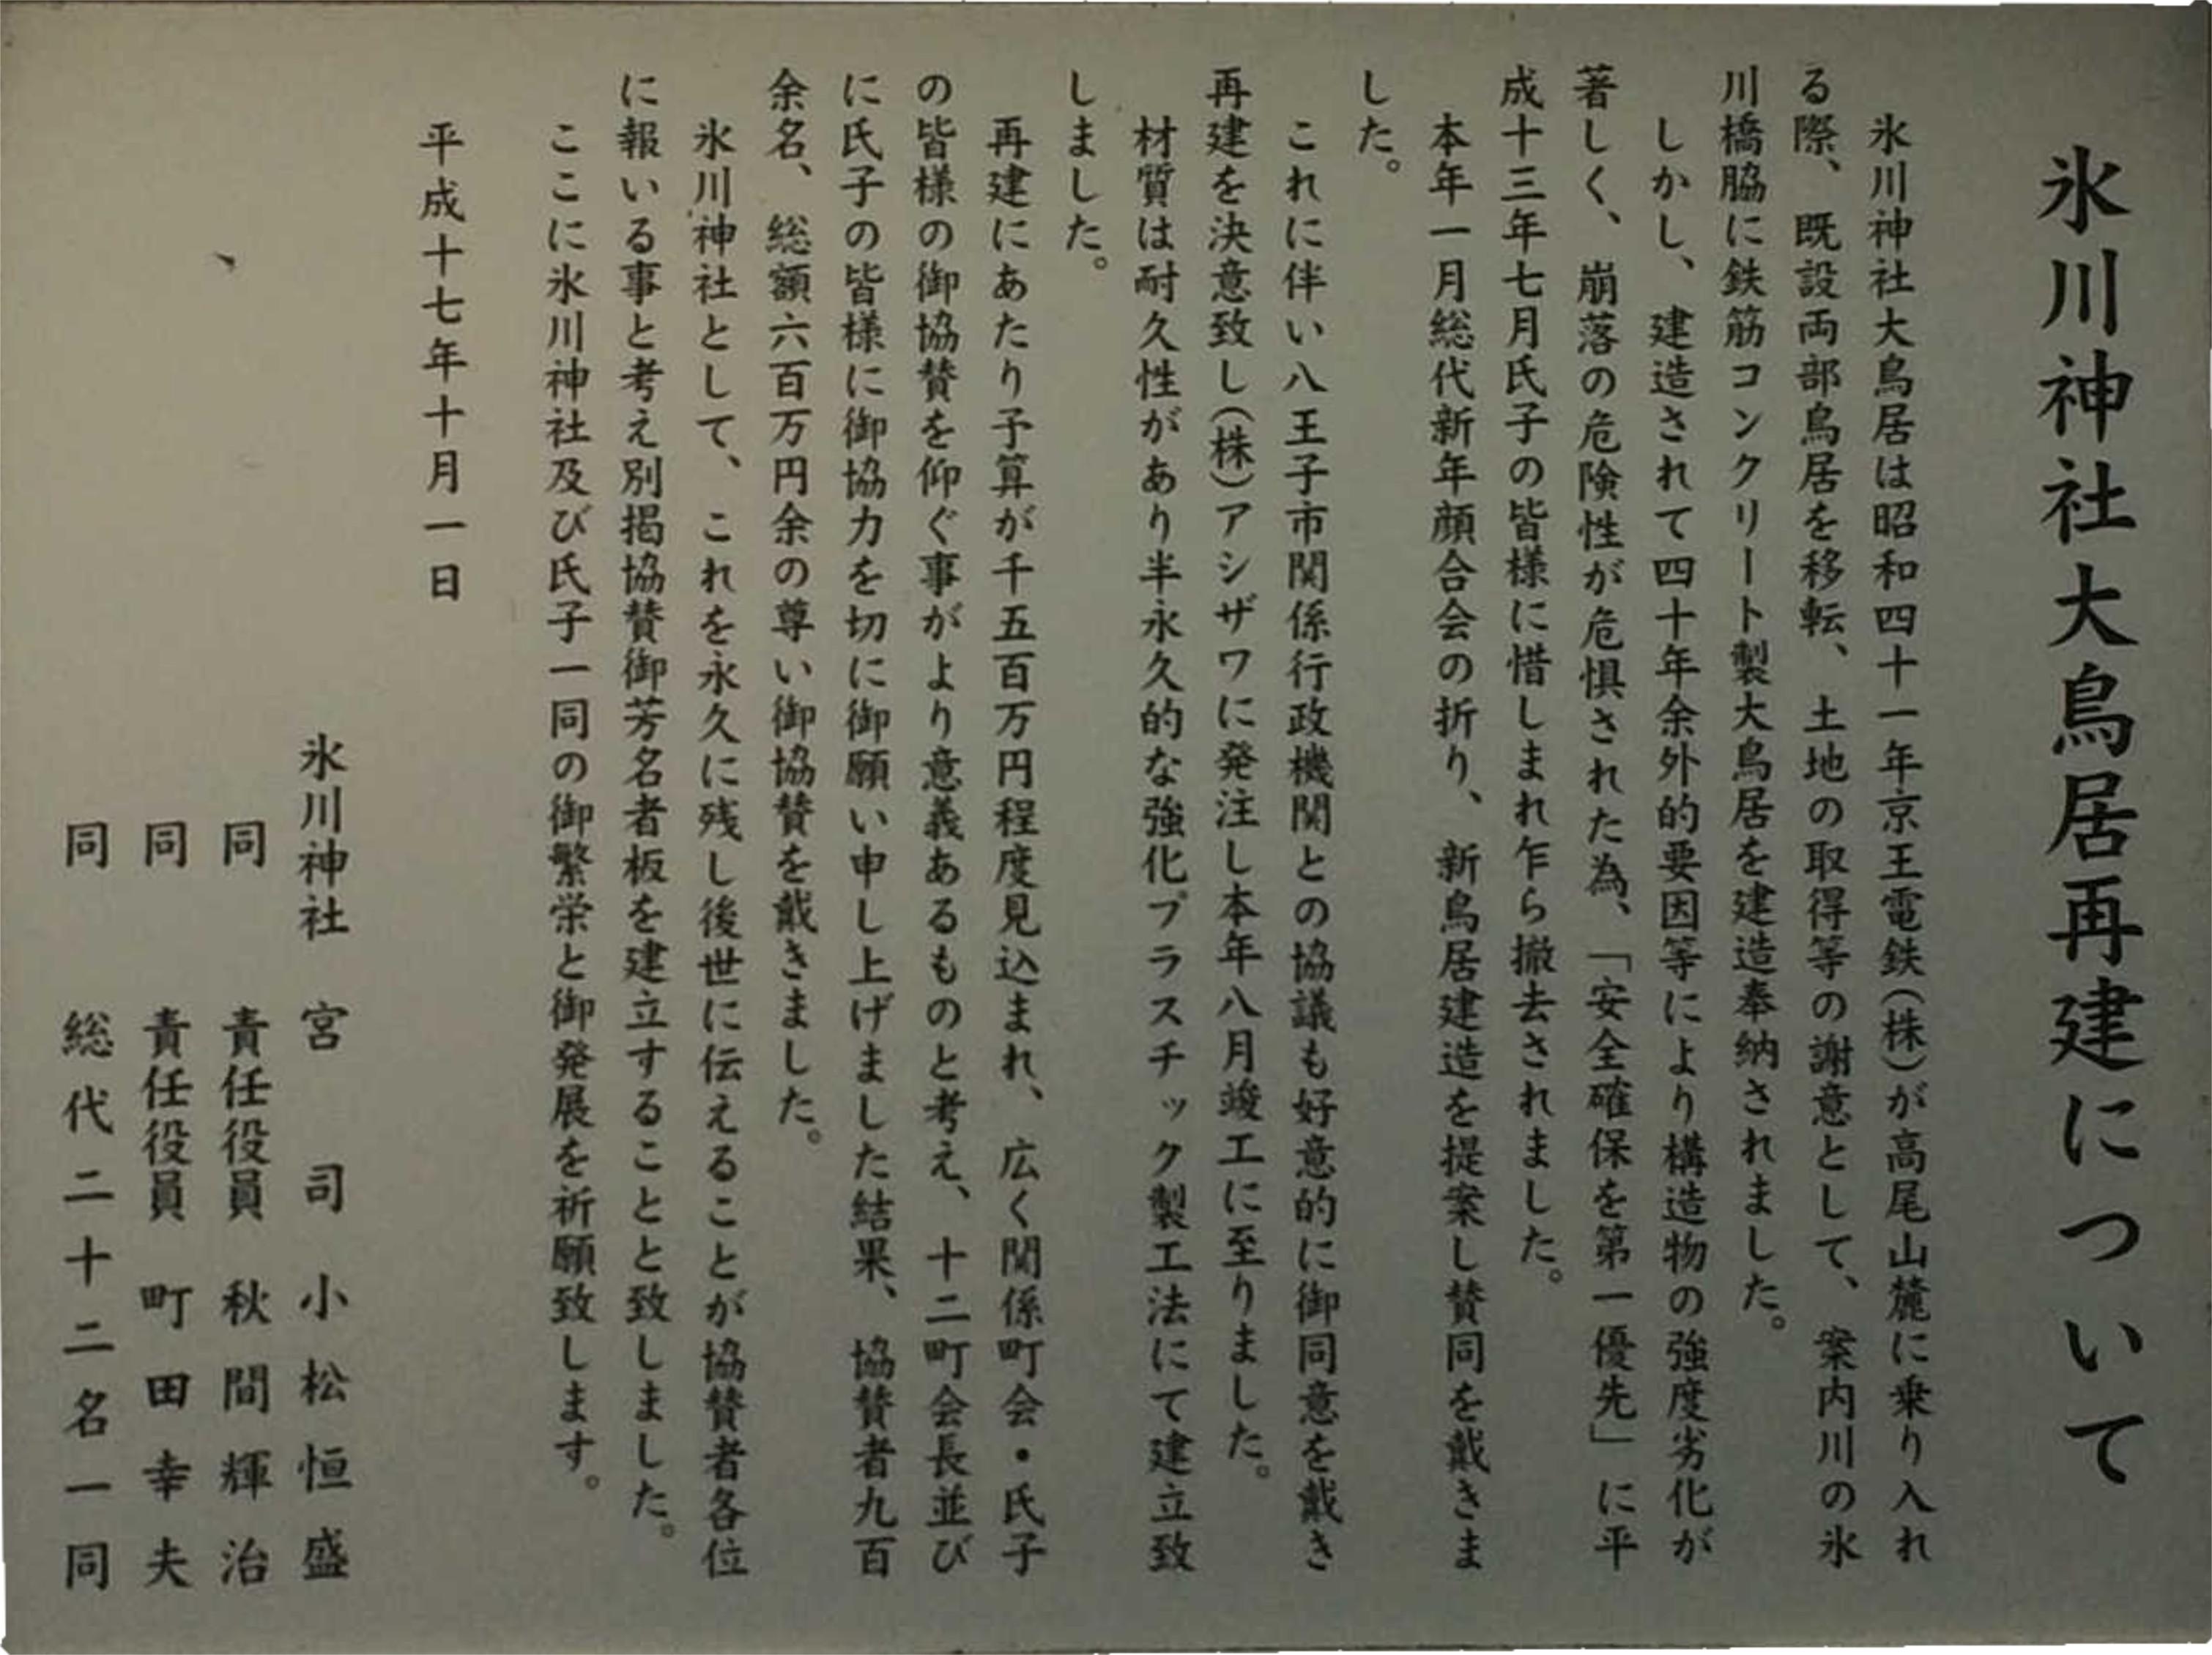 氷川神社大鳥居再建について